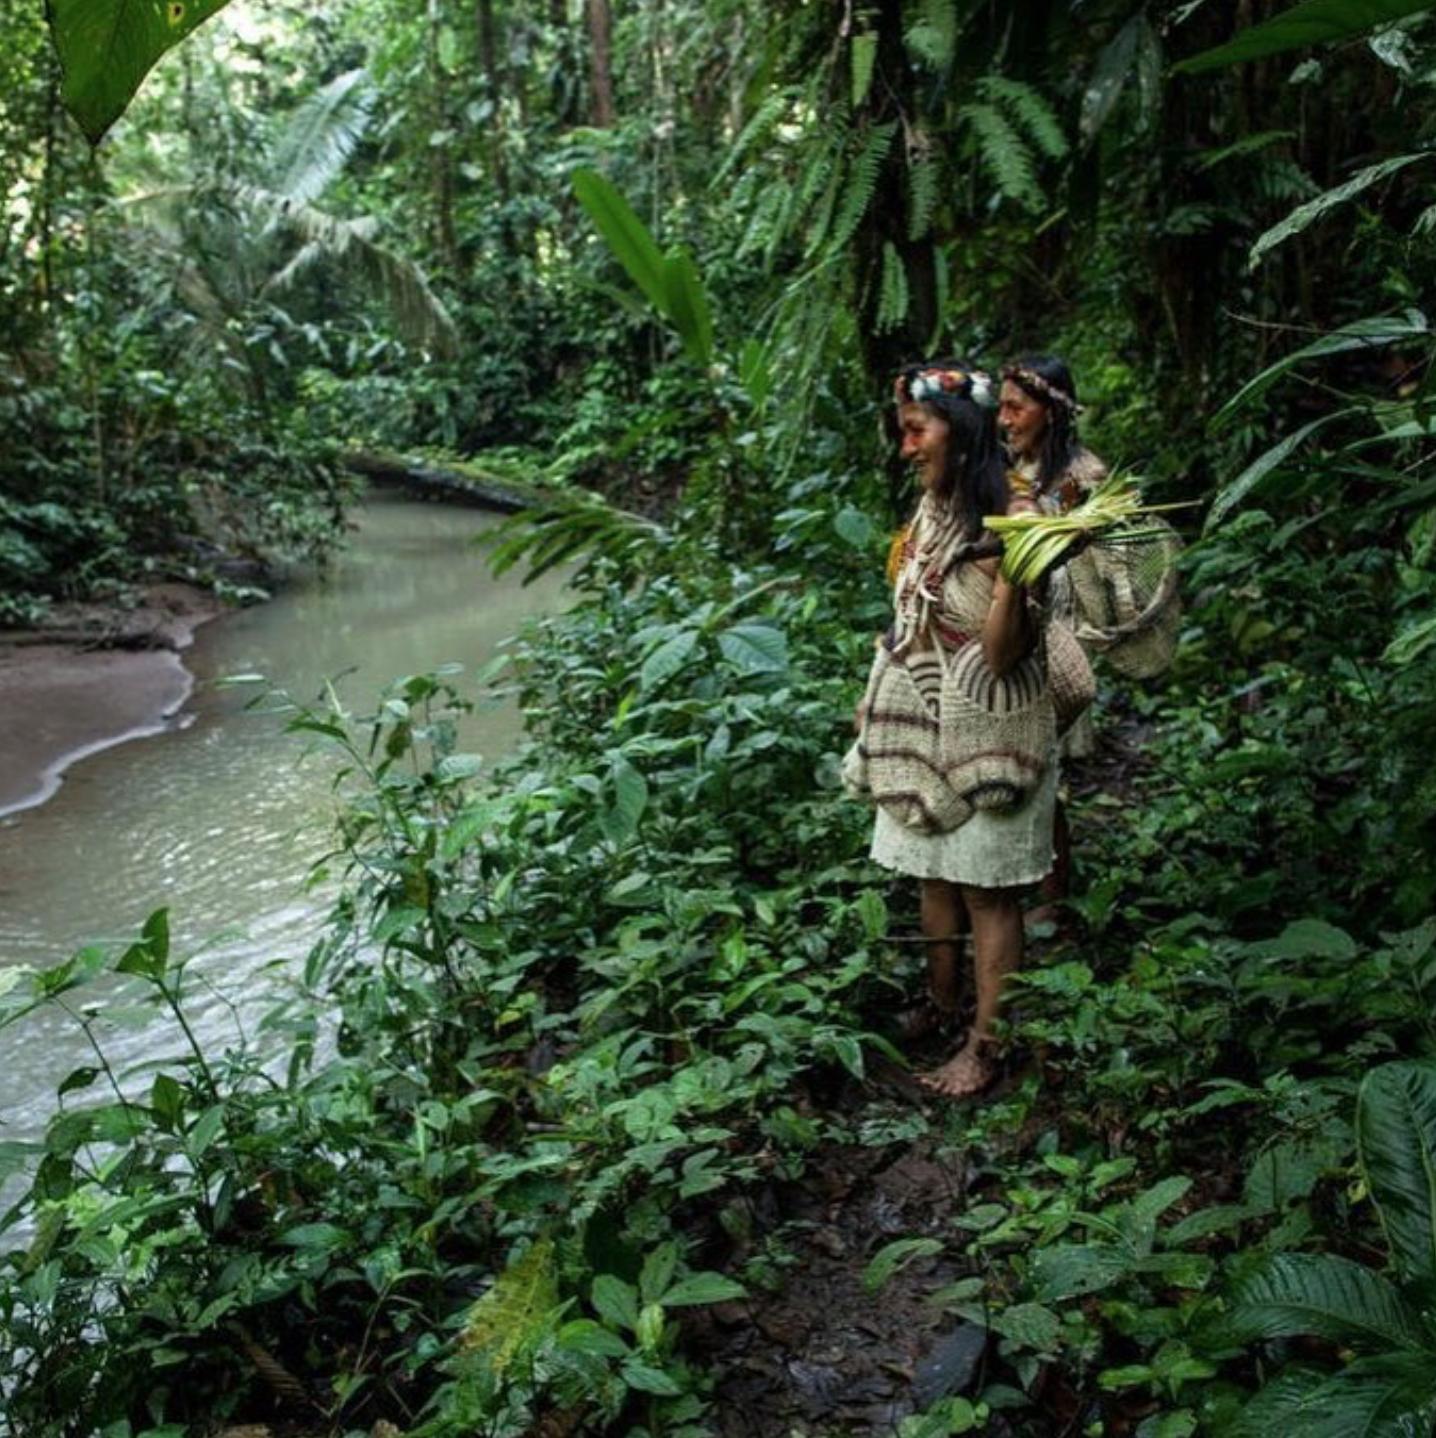 Những thổ dân Amazon vừa chặn được tập đoàn dầu mỏ khổng lồ đến phá rừng: Nguồn cảm hứng bảo vệ môi trường lan tỏa khắp Nam Mỹ - Ảnh 1.